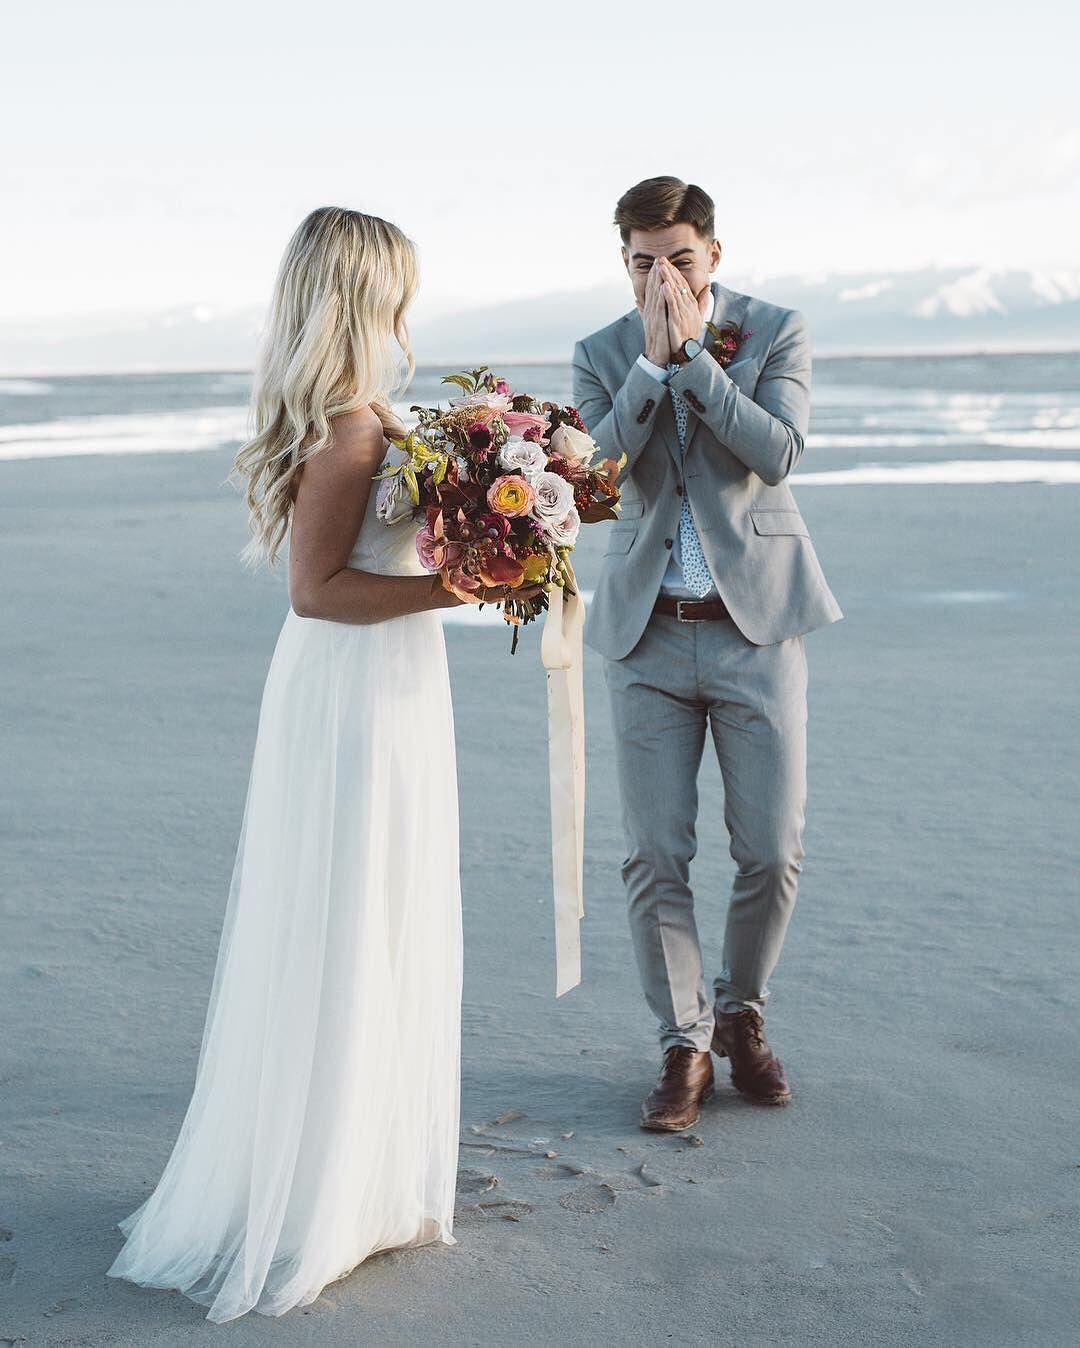 ed53485a6427dd0c945f675c8172bbc1 - beach wedding first dance songs